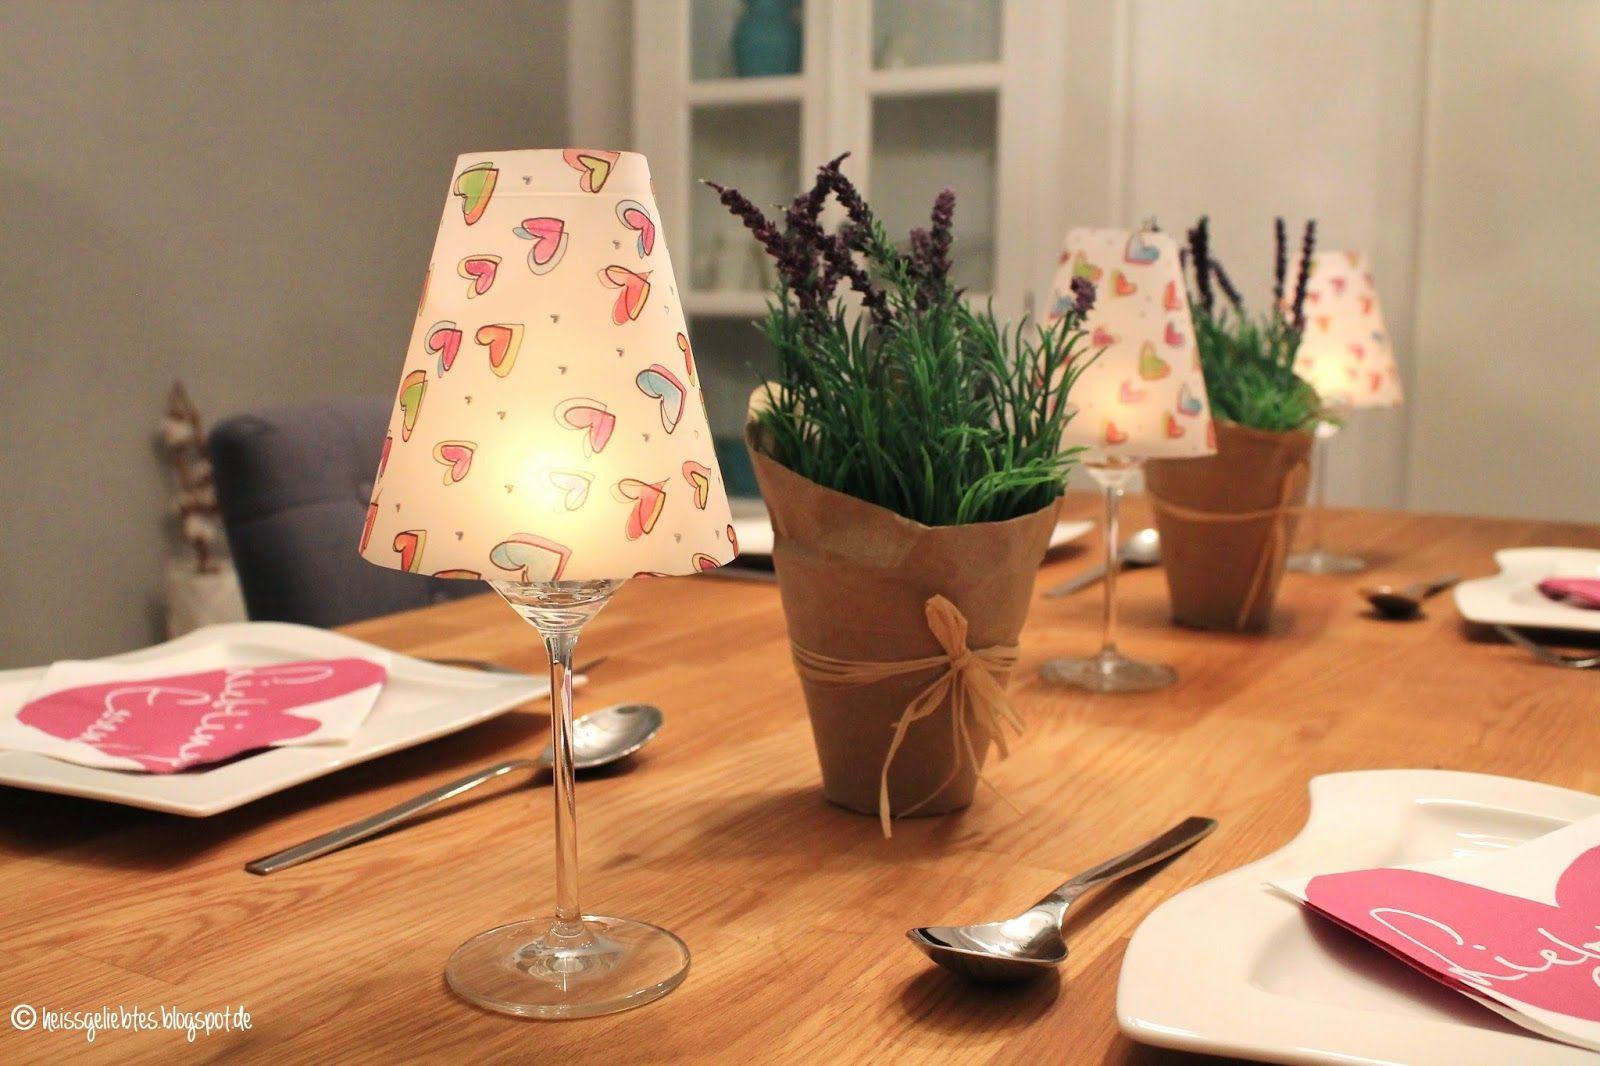 heissgeliebtes...: DIY Weinglas Lampenschirme